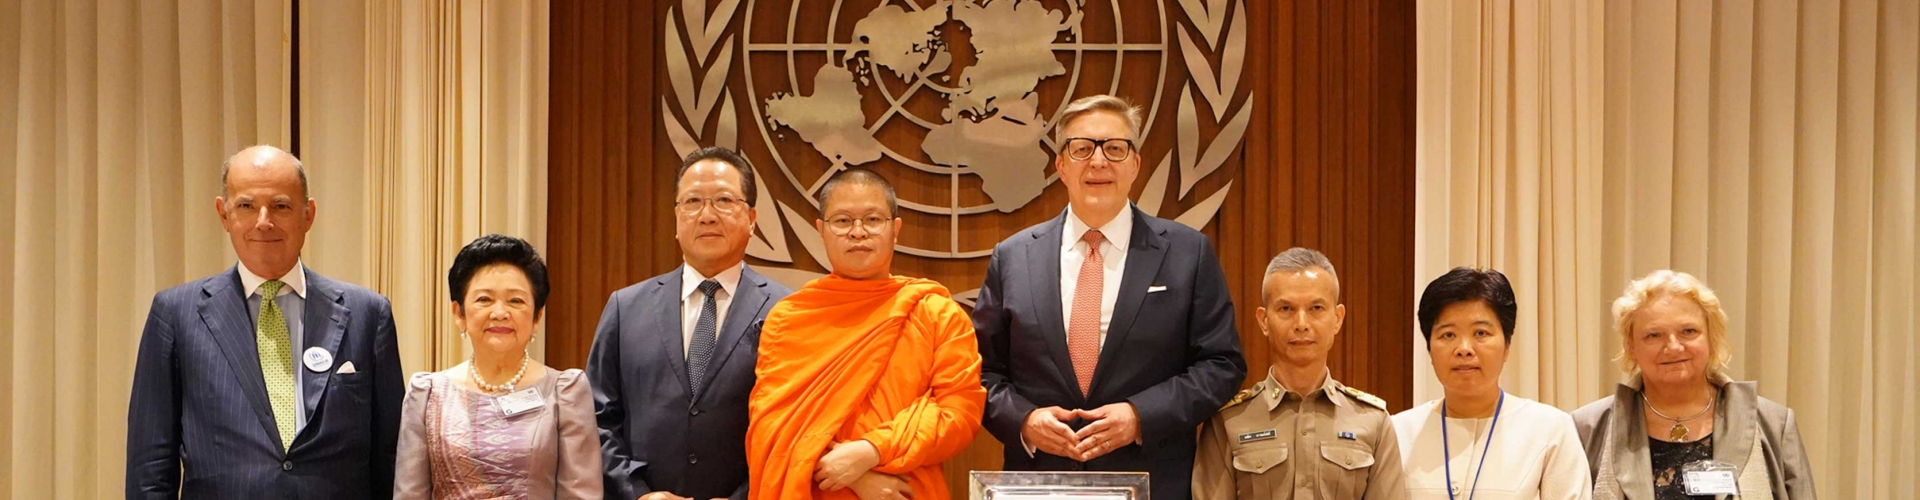 UNHCR ถวายตำแหน่งผู้อุปถัมภ์ UNHCR ด้านสันติภาพ และเมตตาธรรม แด่ ท่าน ว.วชิรเมธี